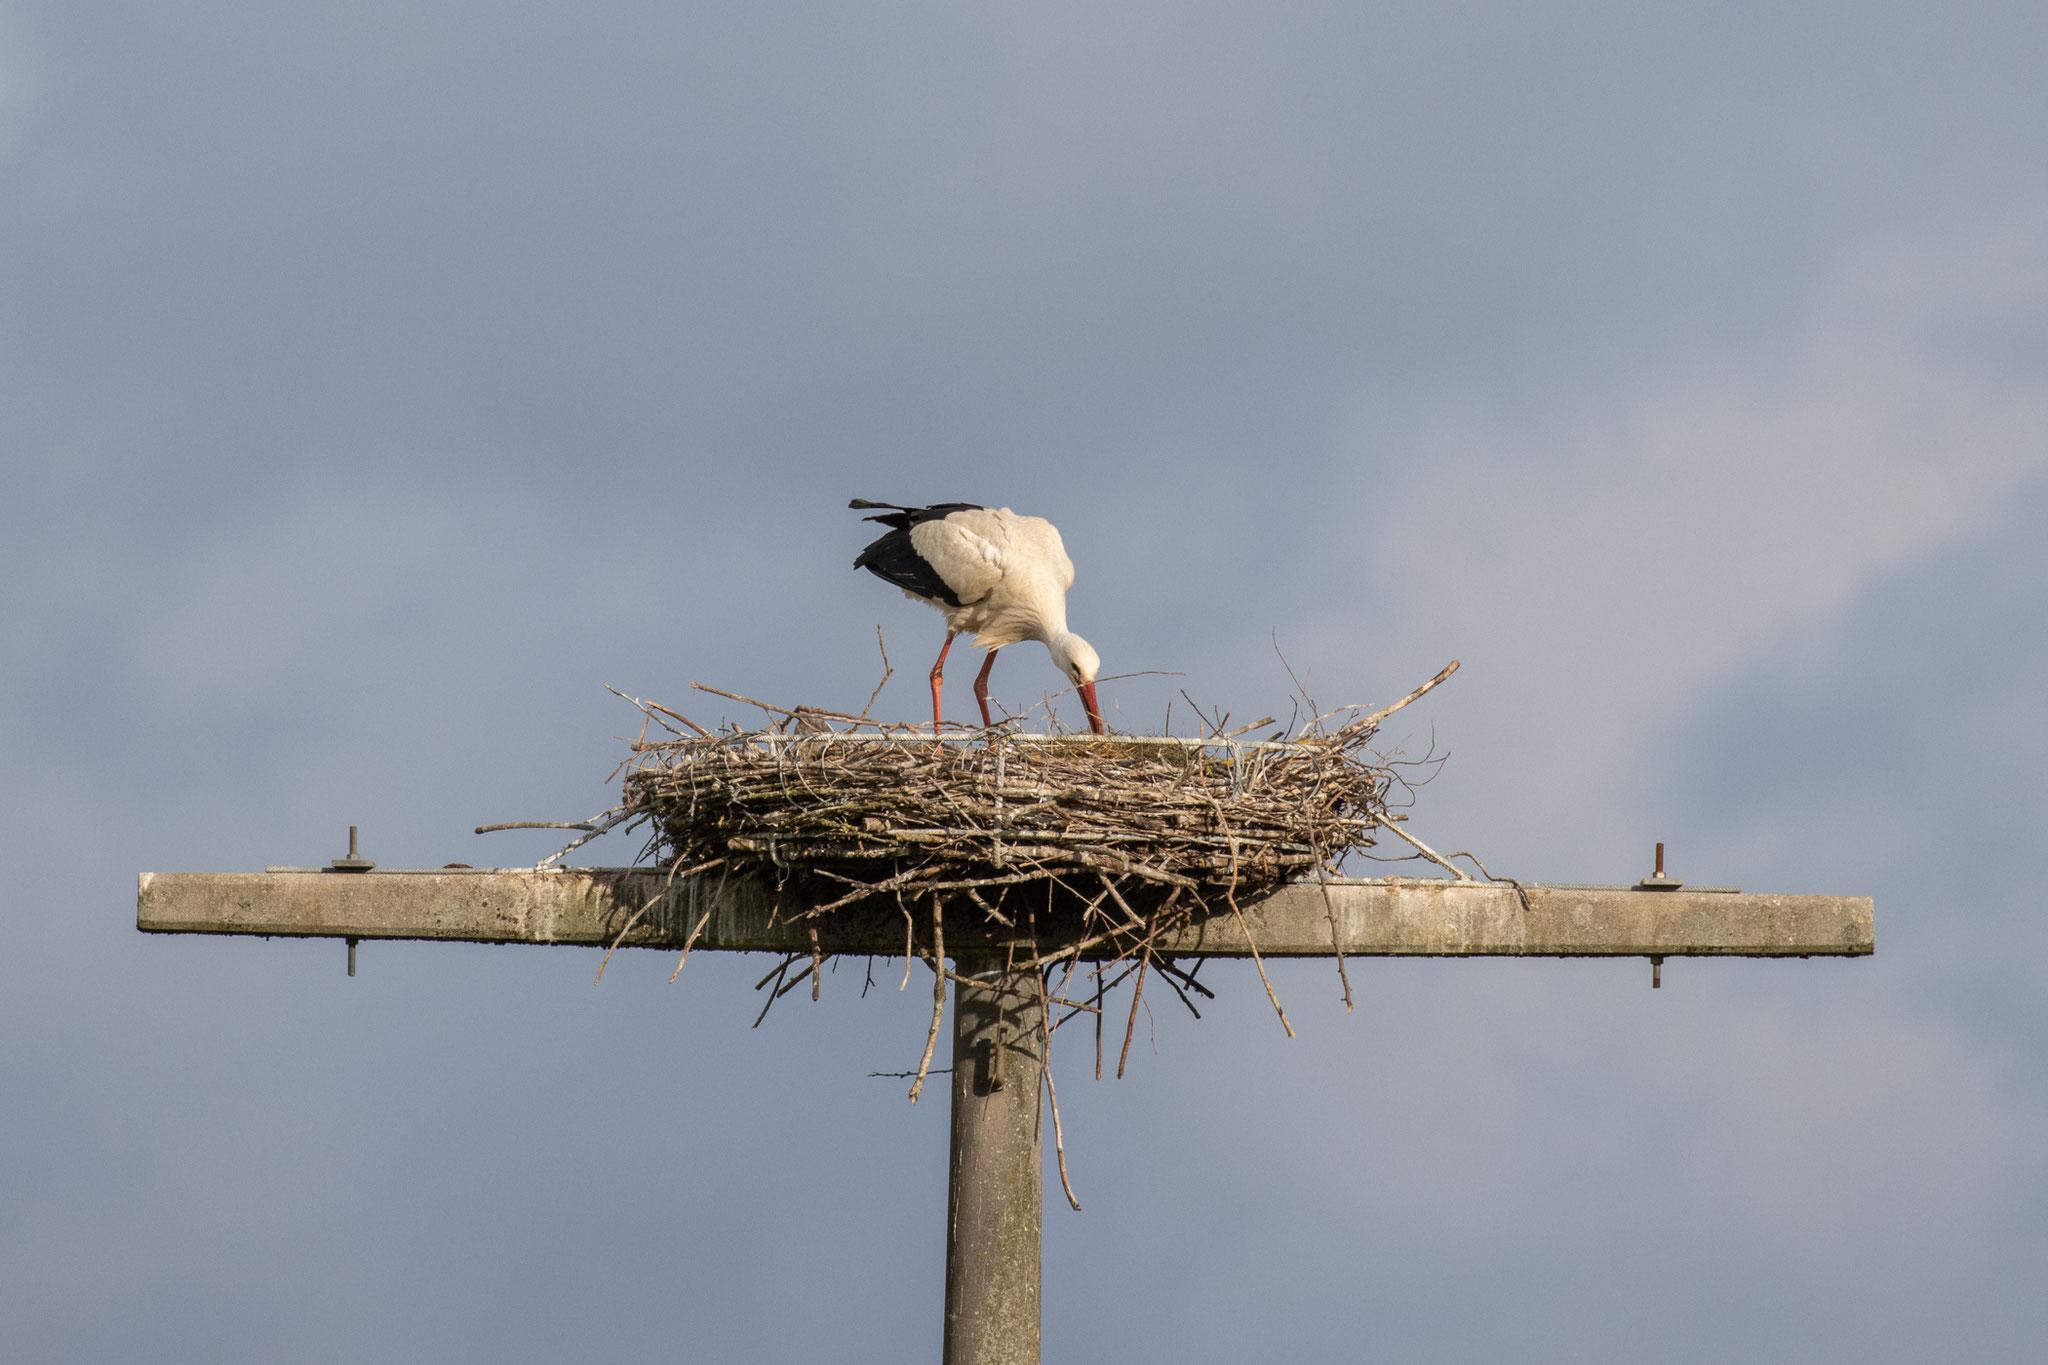 Das Nest wird optimiert am 19.05.2021 (Foto: B. Budig)